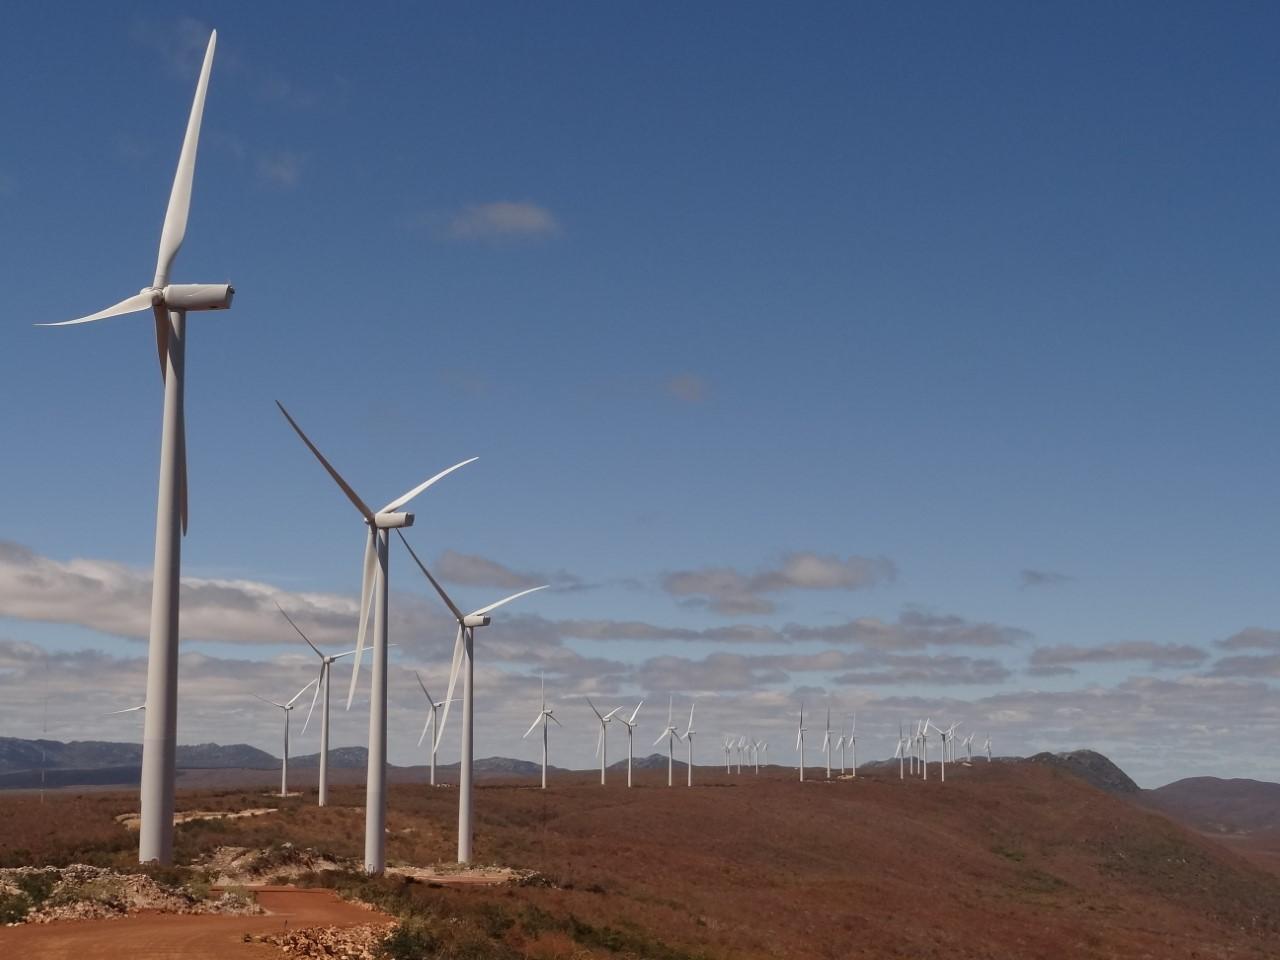 Statkraft apresenta programas socioambientais e ações no Brasil alinhadas com a Agenda 2030 da ONU